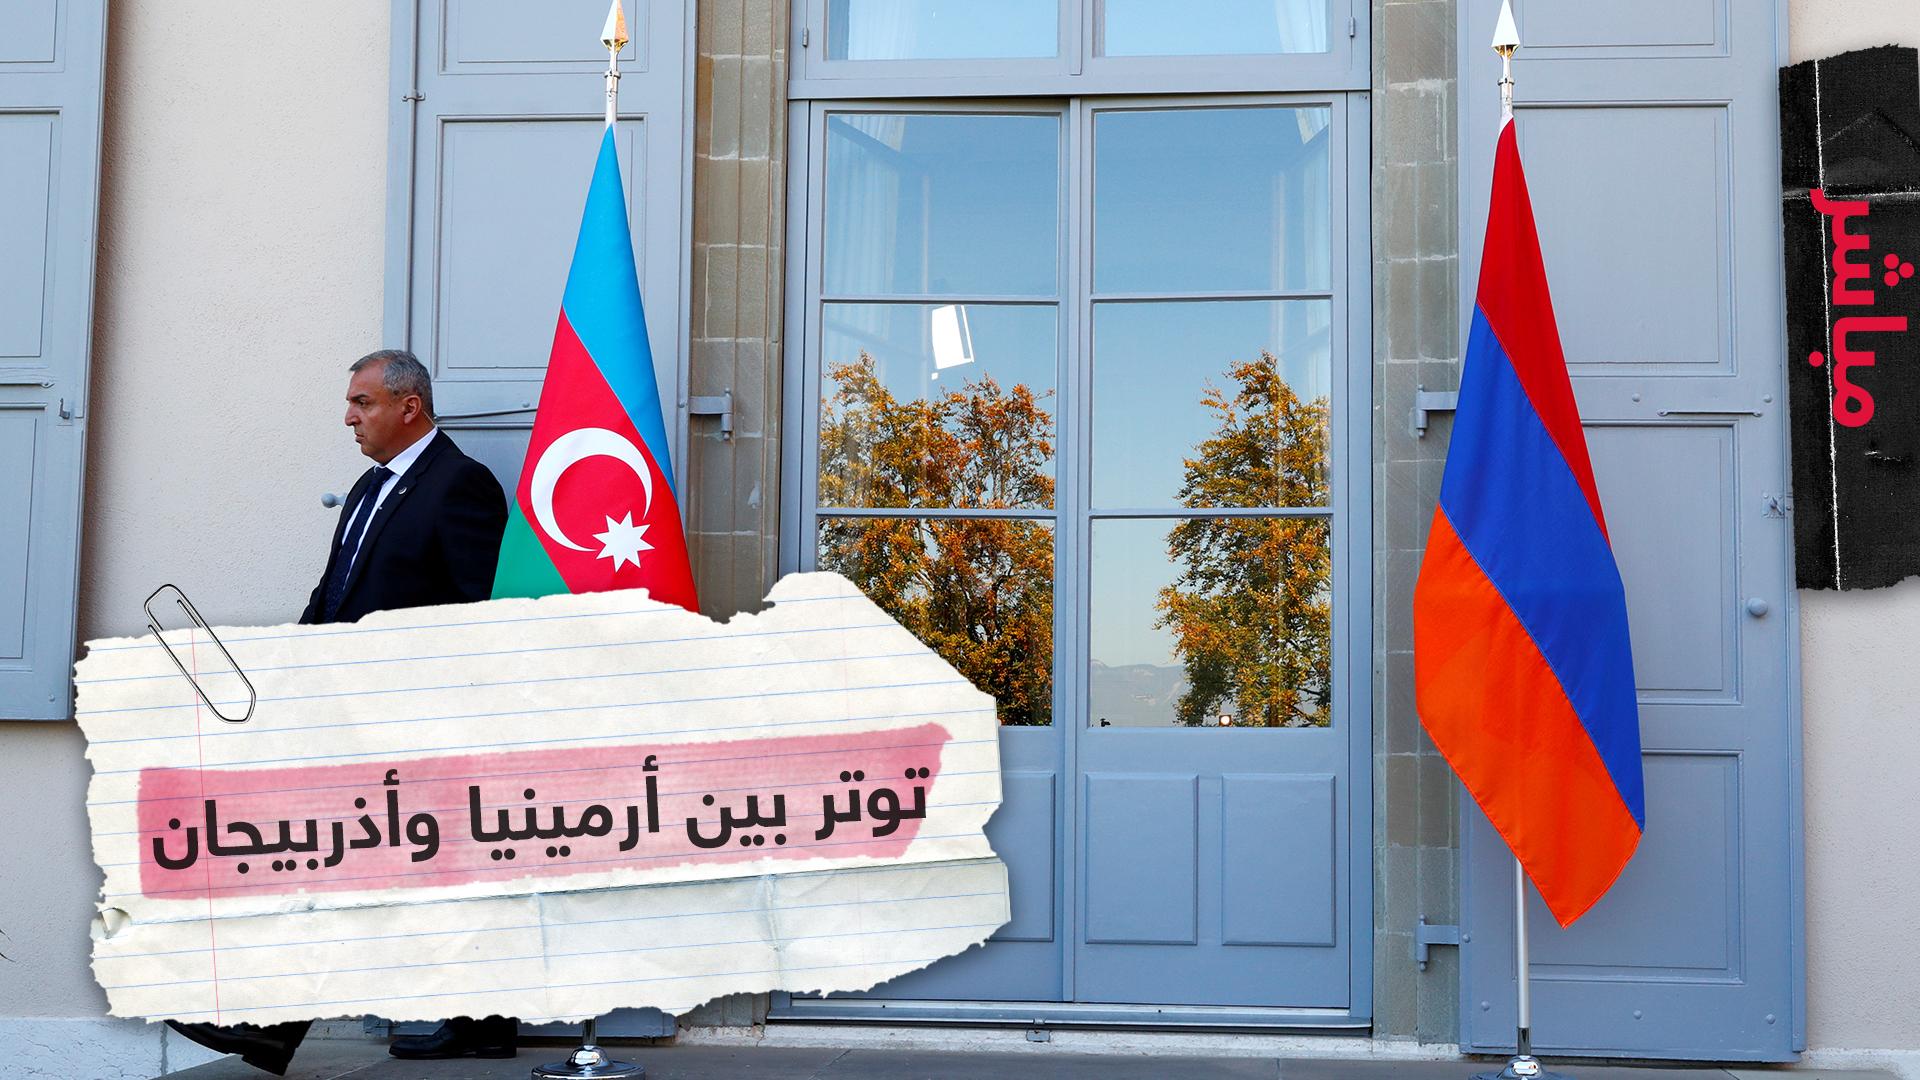 تجدد خلاف قديم بين أرمينيا وأذربيجان وتركيا تدخل على الخط بتهديد أرمينيا